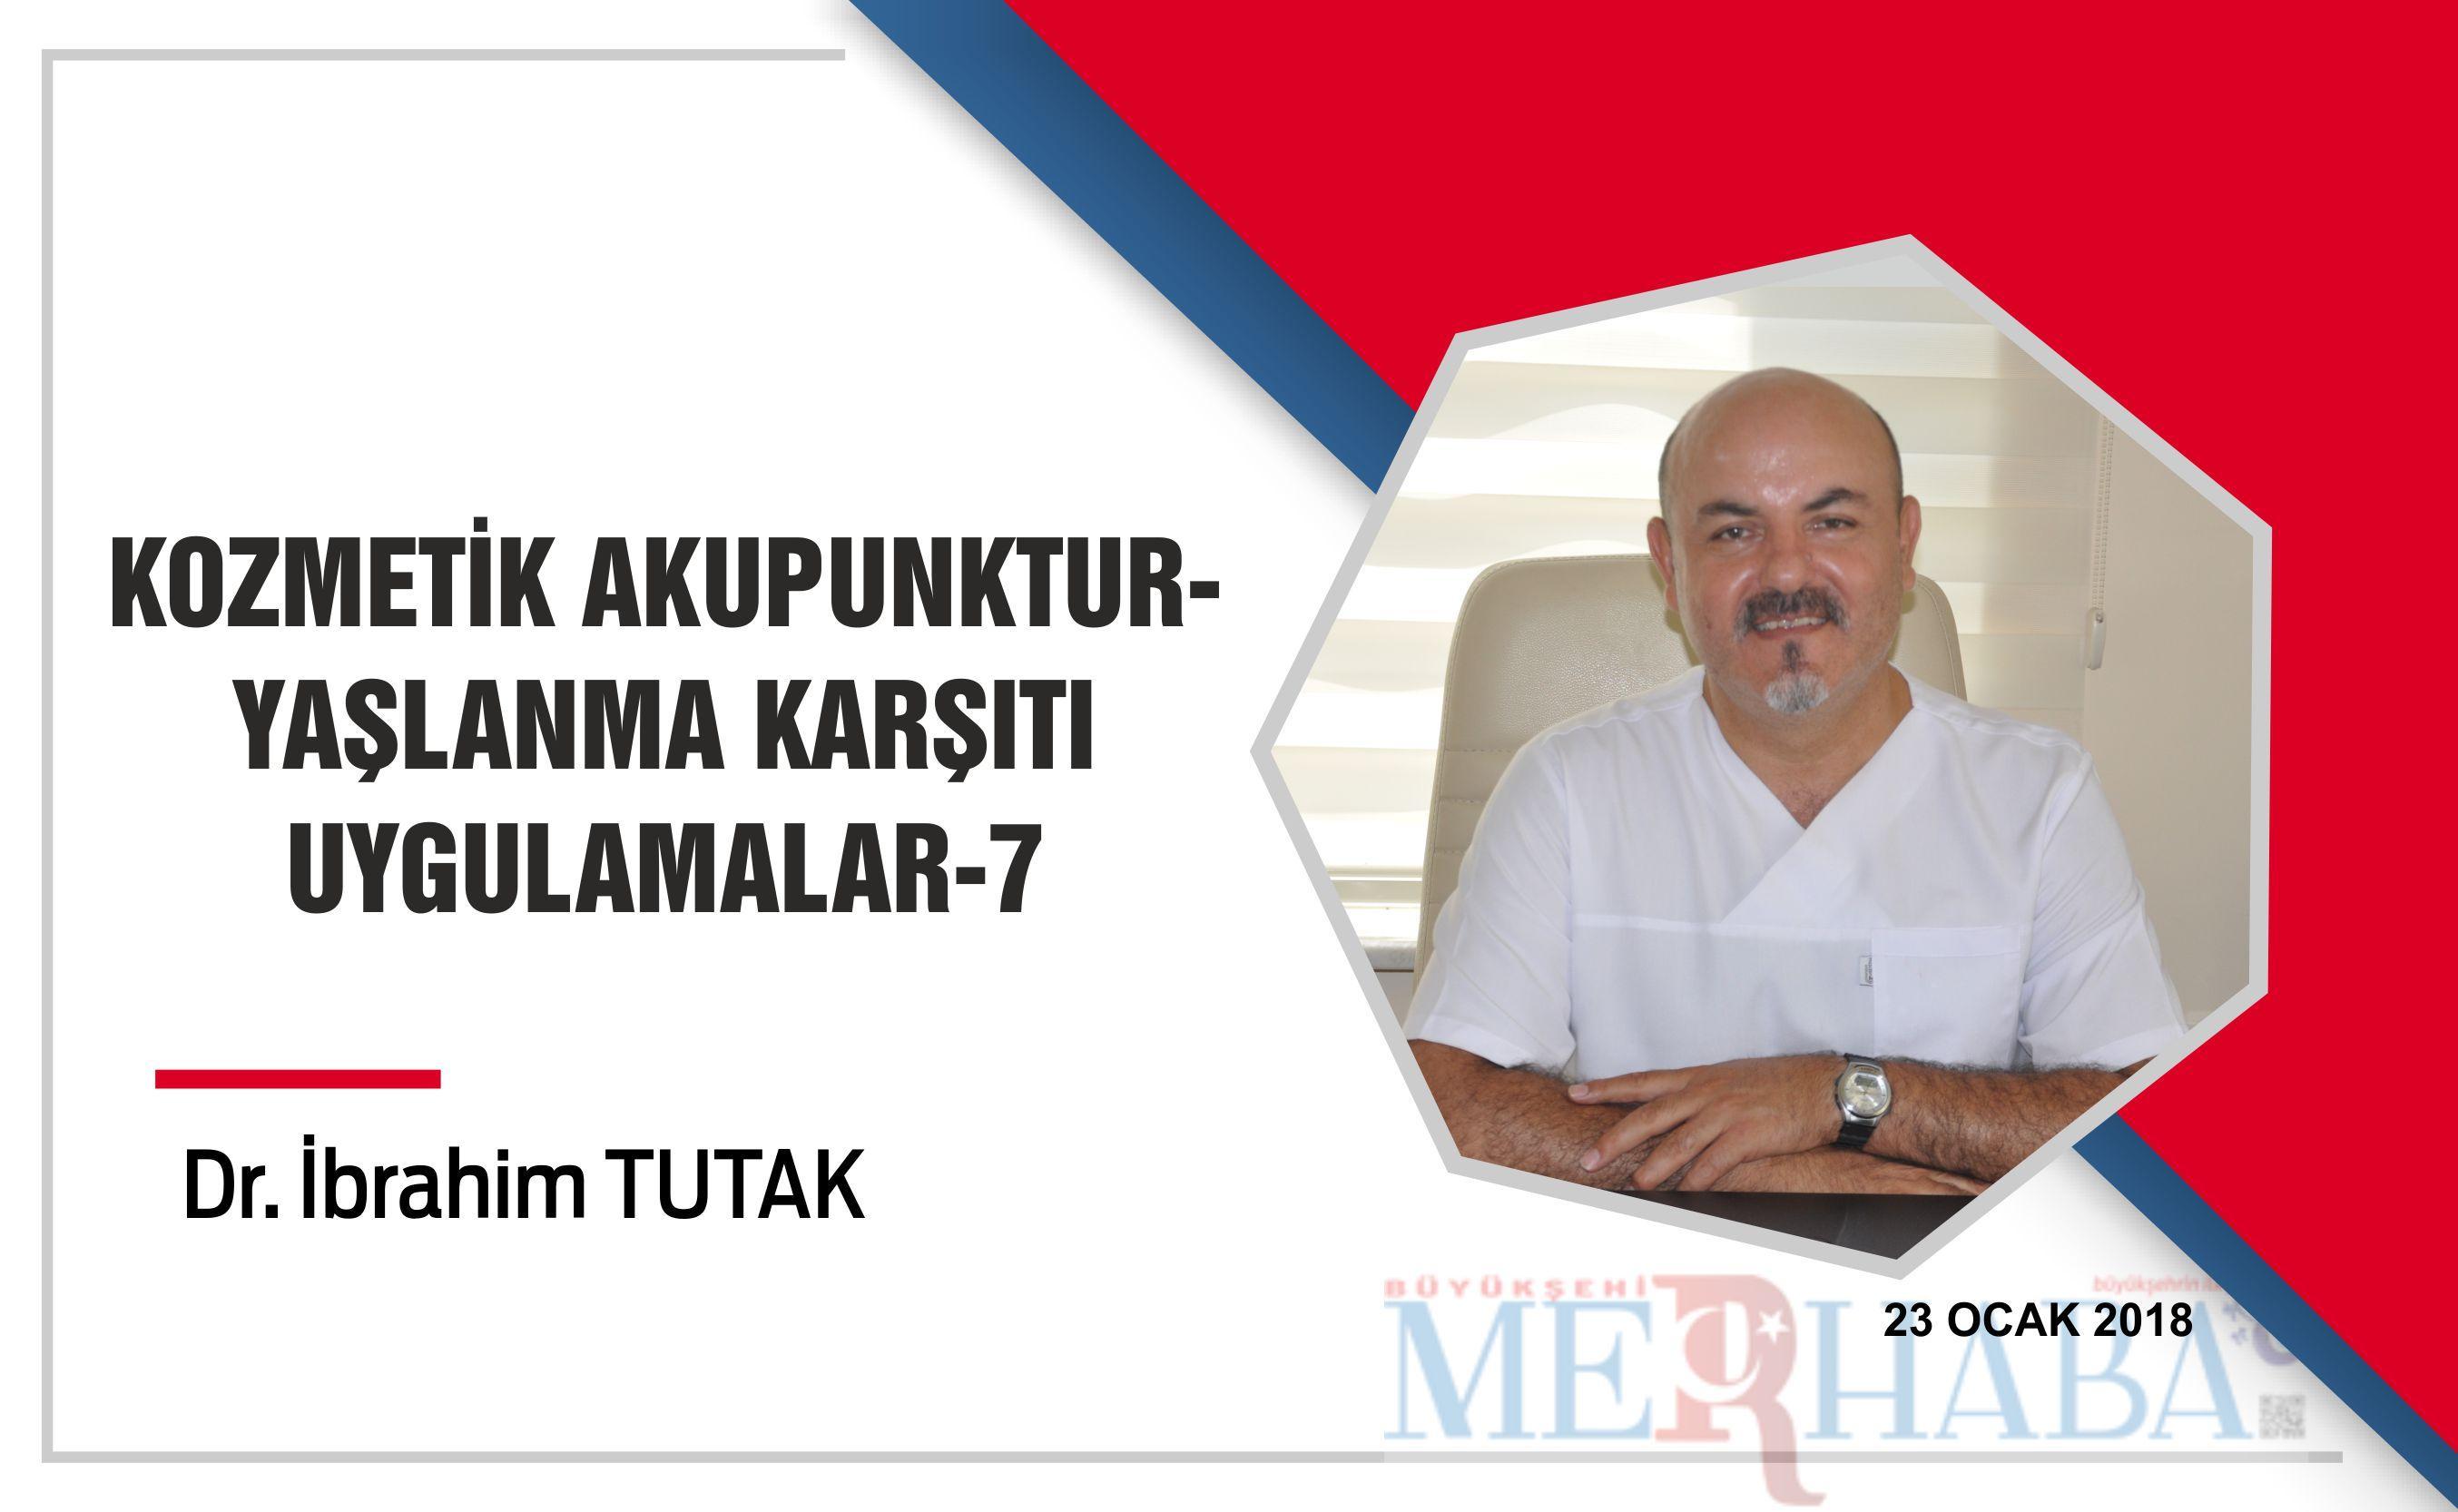 KOZMETİK AKUPUNKTUR-YAŞLANMA KARŞITI UYGULAMALAR-7